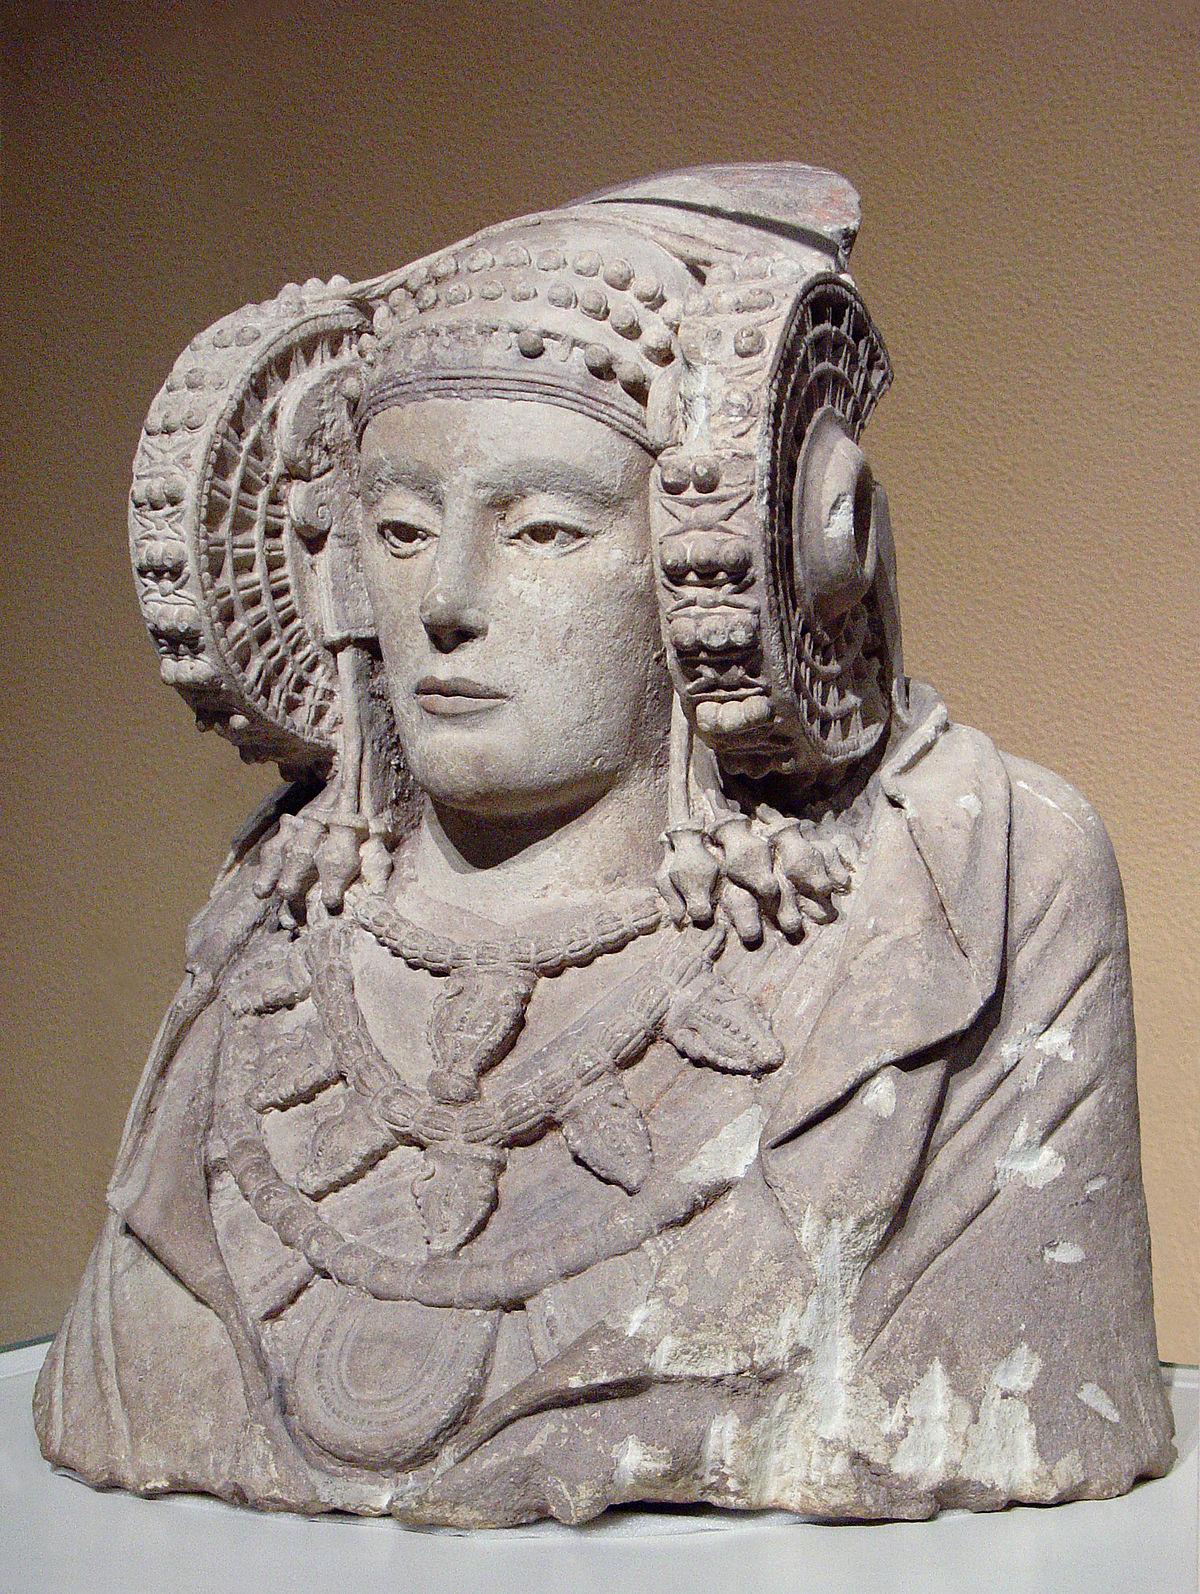 Dama de elche wikipedia la enciclopedia libre for Concepto de ceramica